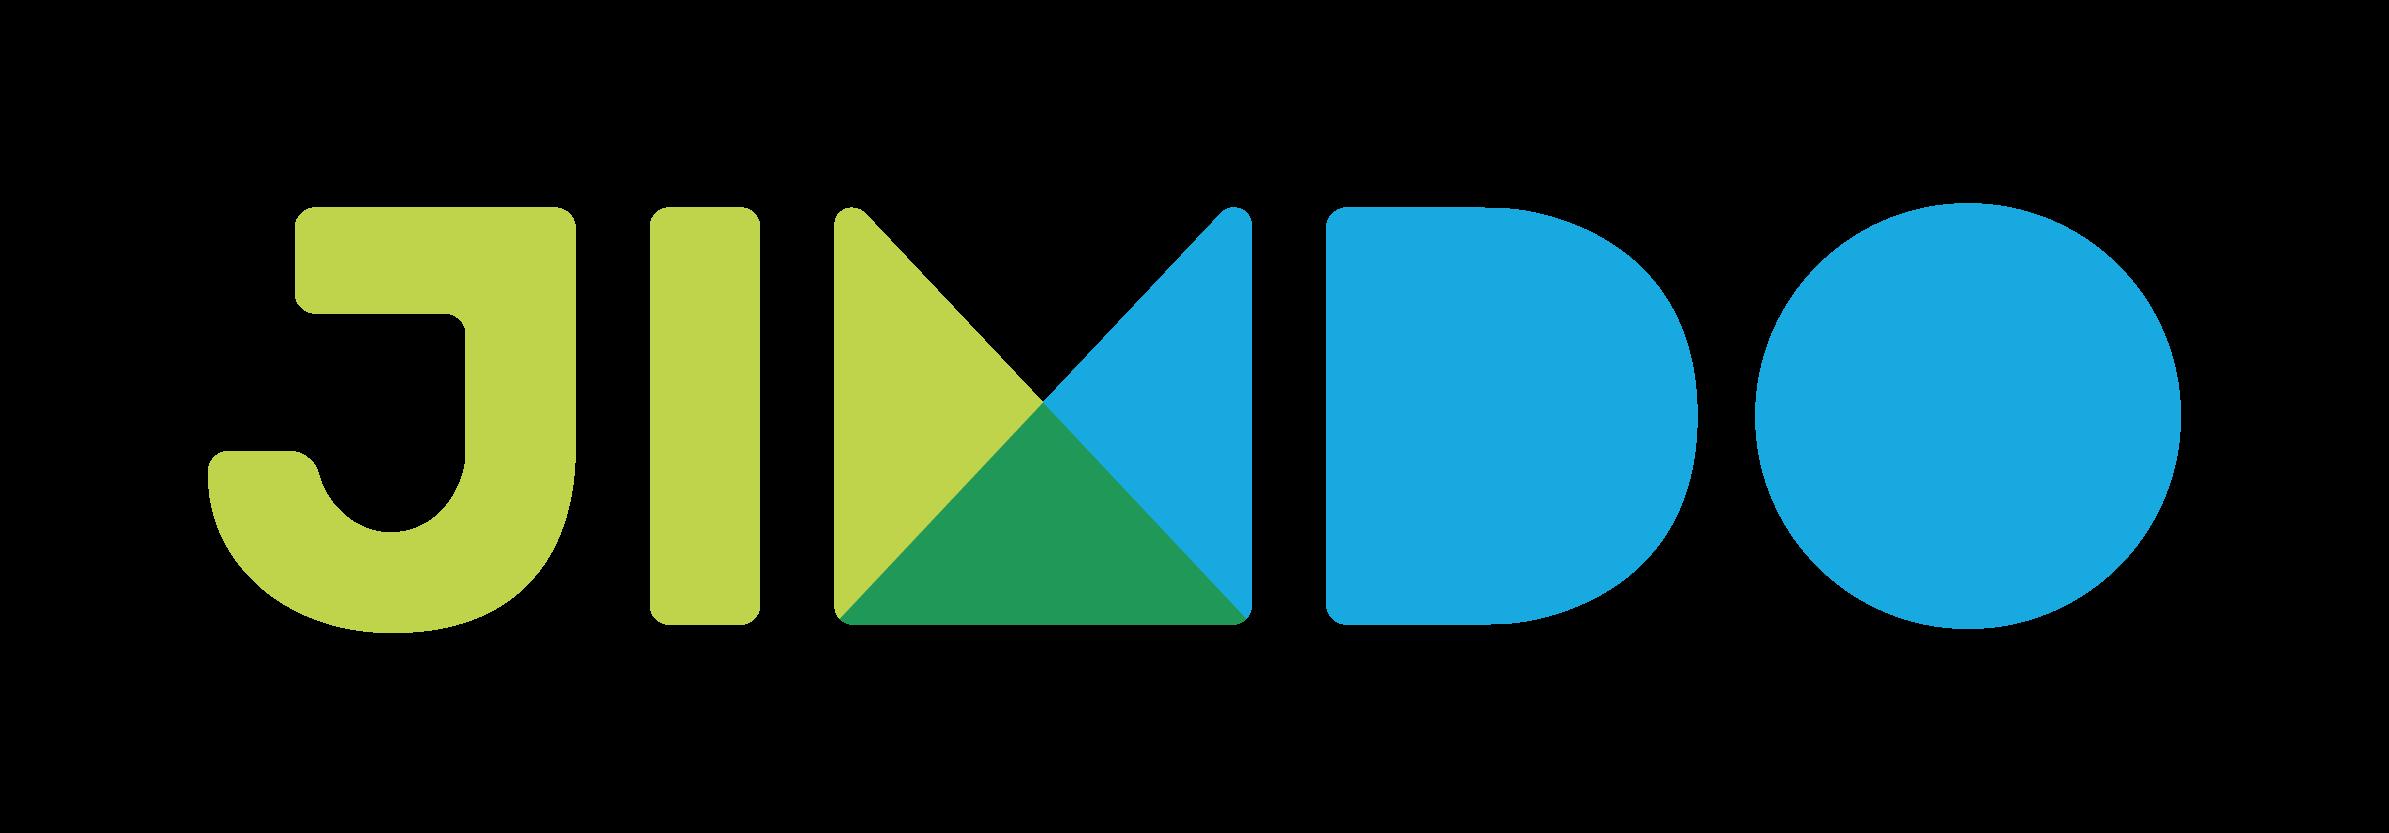 Abbildung des Jimdo Logos.